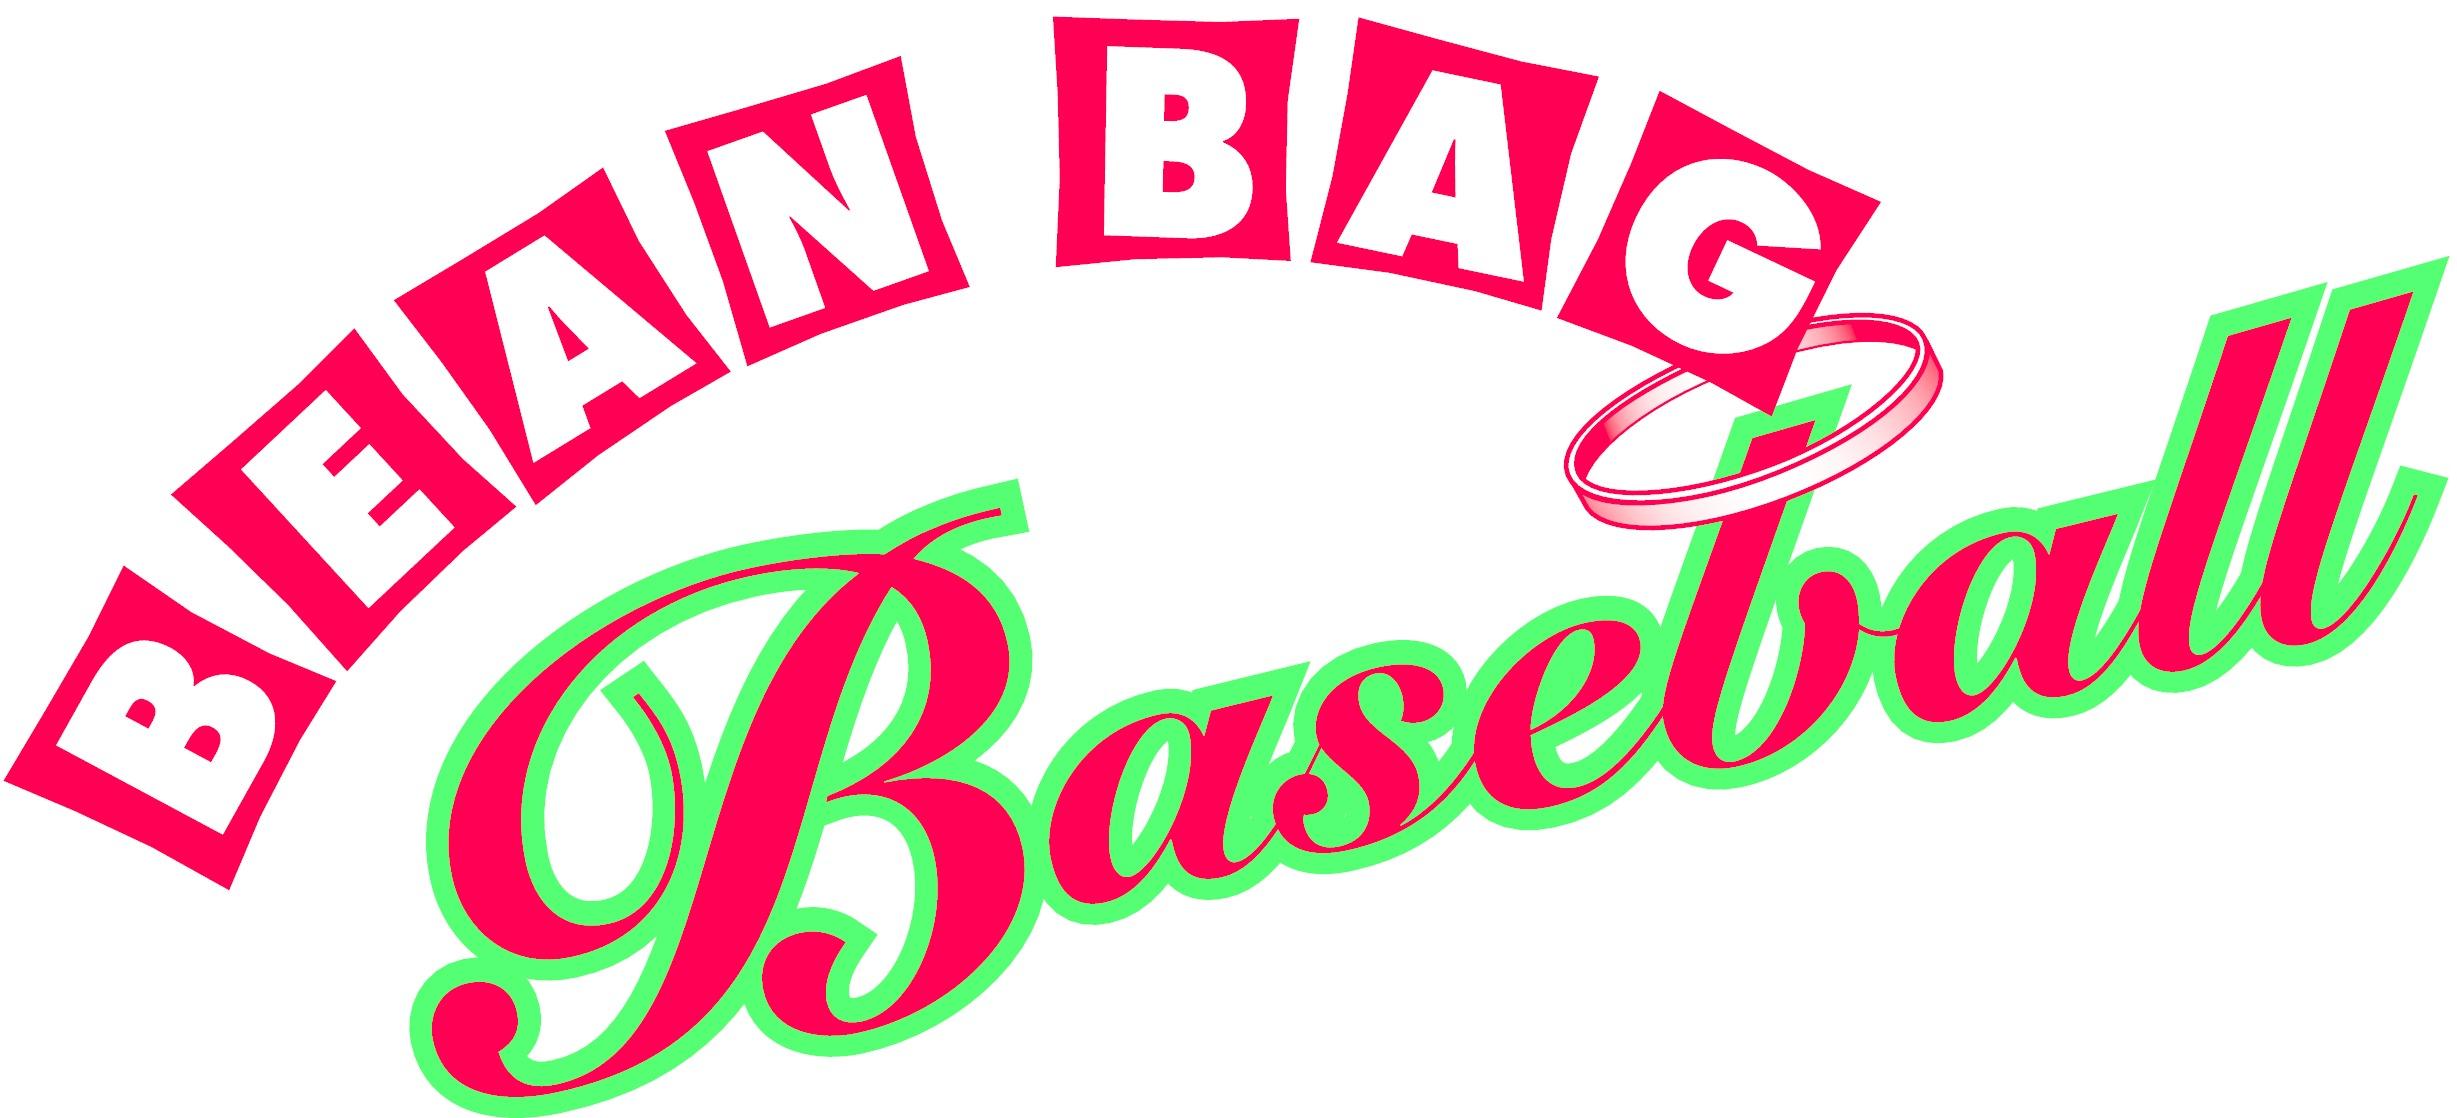 Original baget game . Clipart baseball bean bag